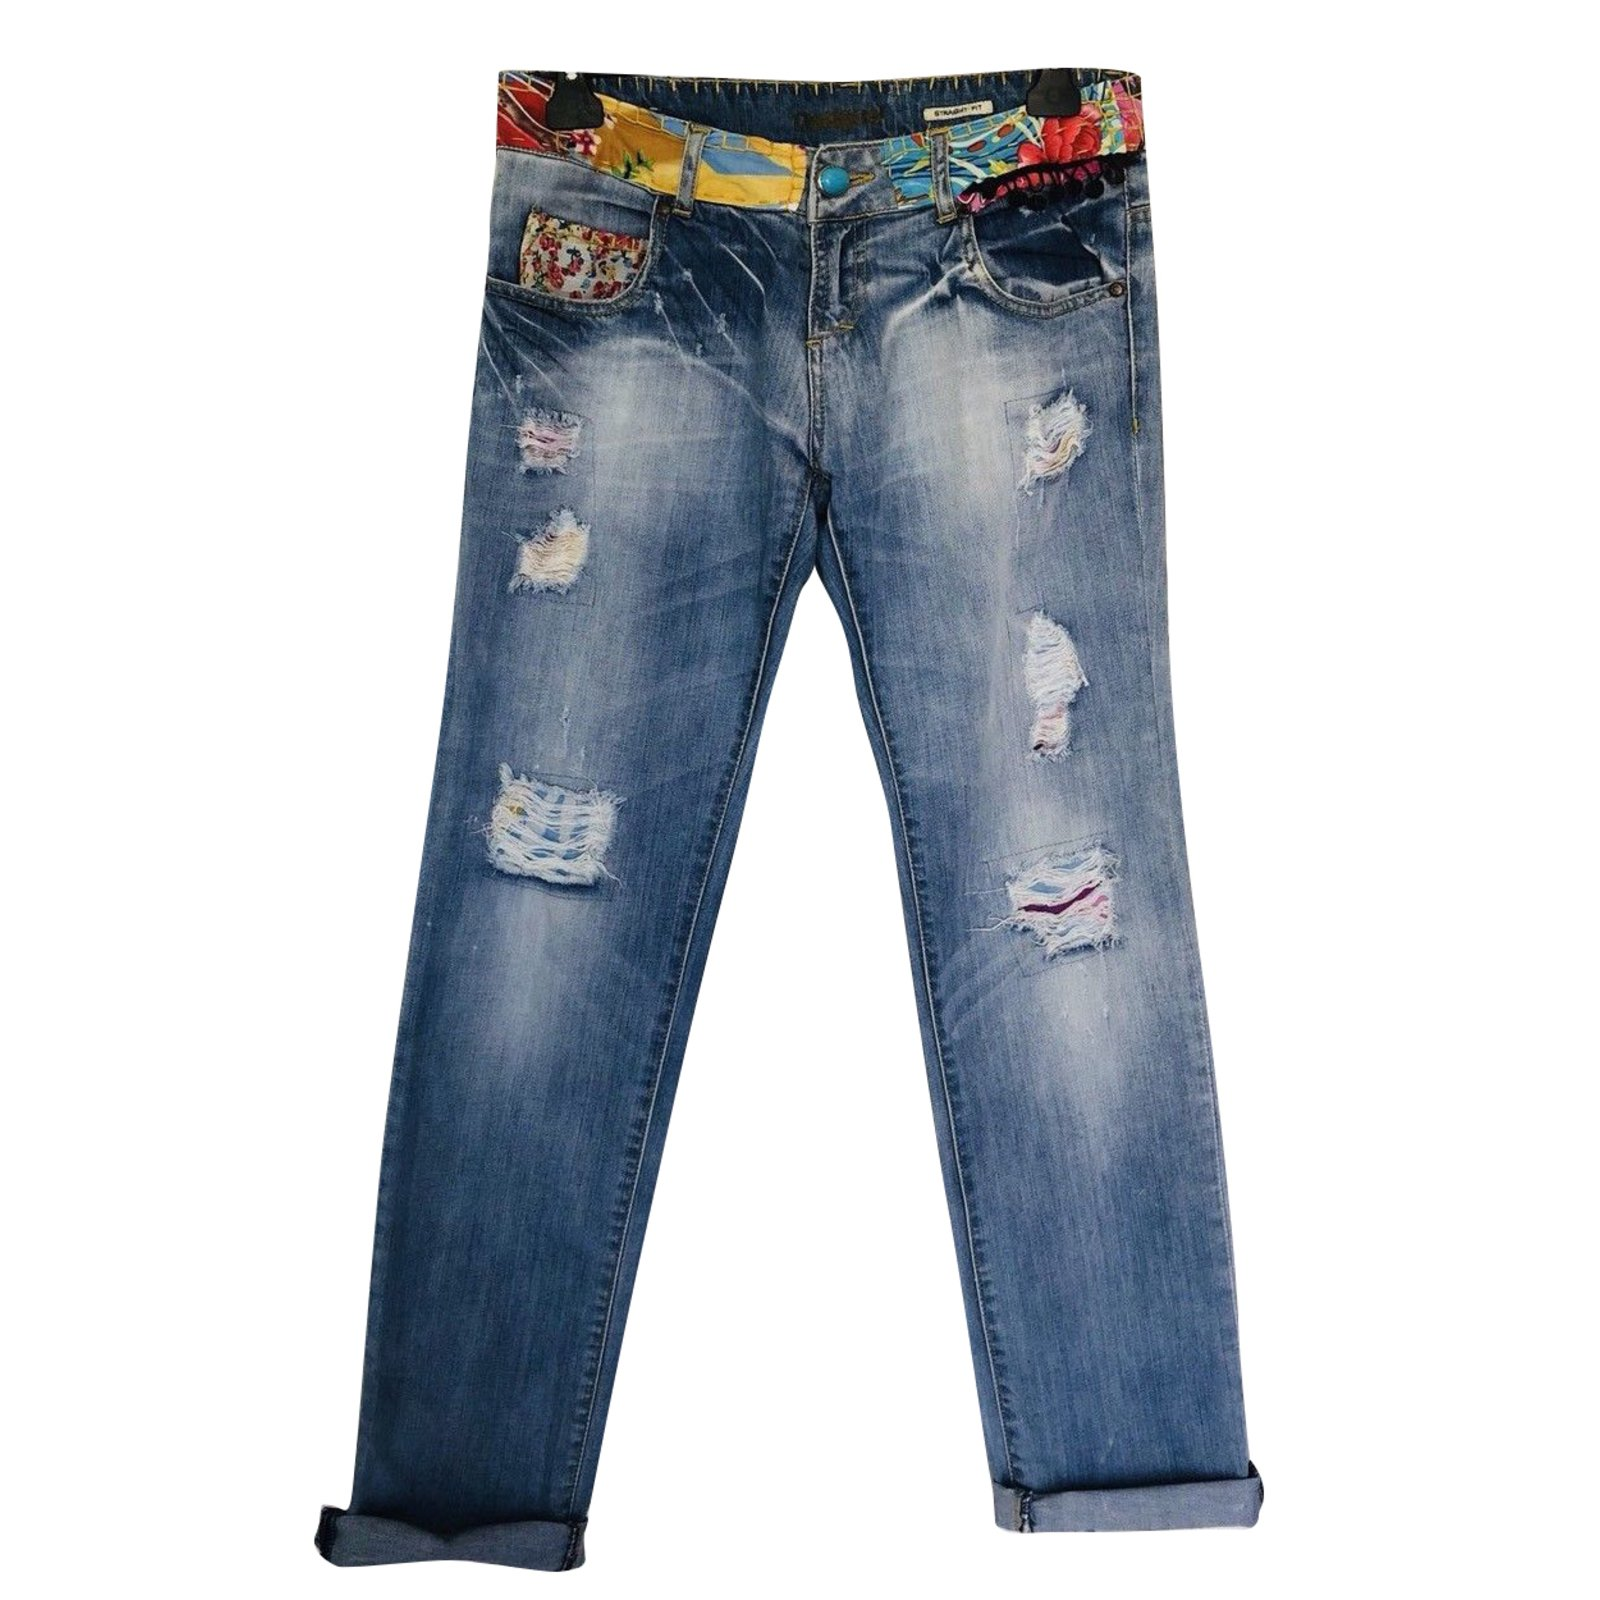 Jeans Femme Denim M Bleus Desigual UpVqzSM